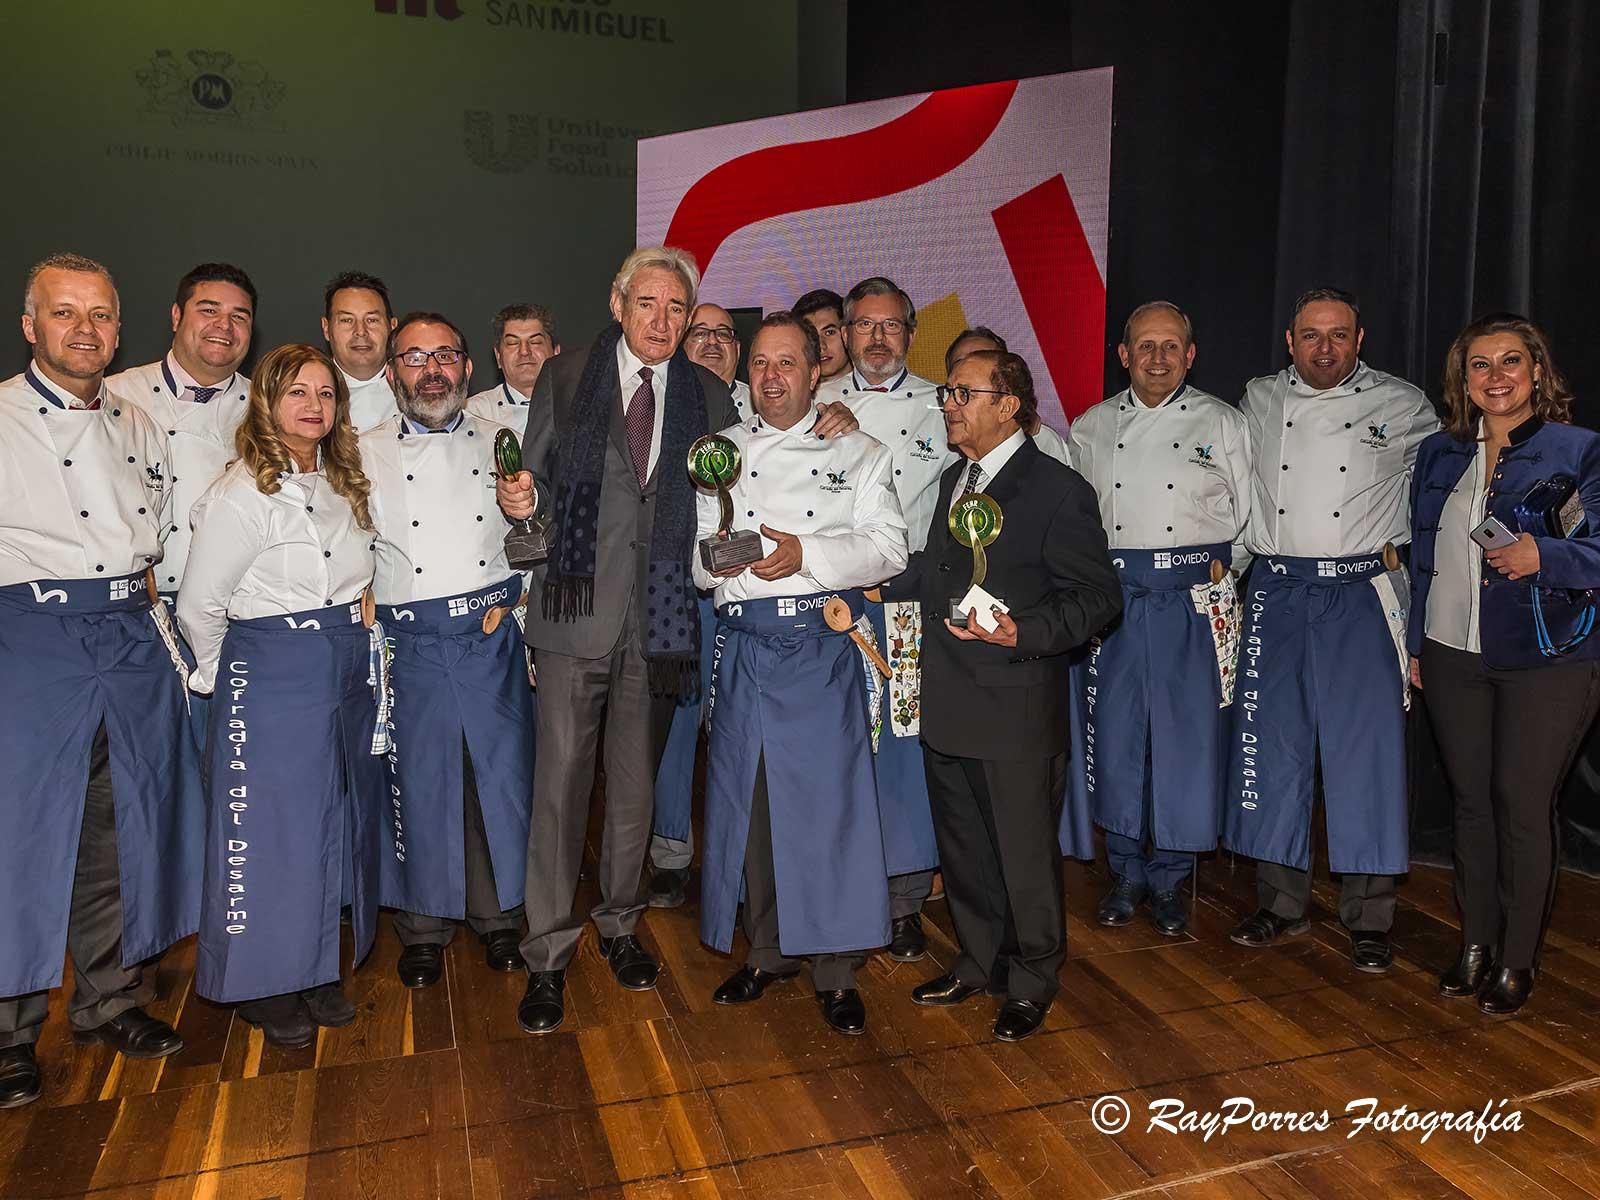 cofradia-del-desarme-recibe-premios-nacionales-de-hosteleria-2018-4